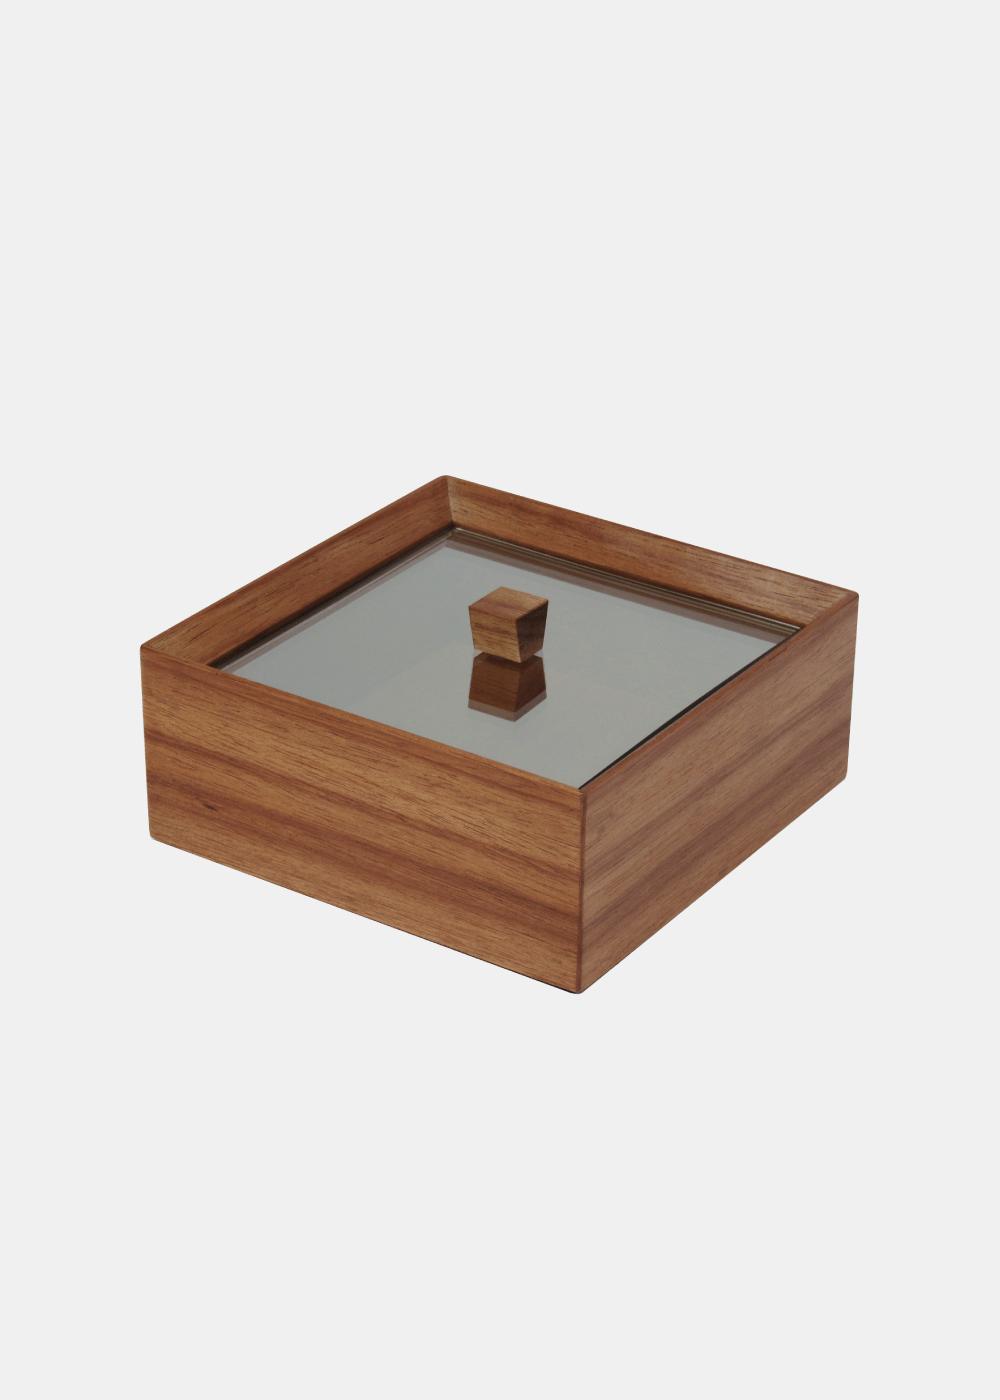 prisma-quadrada--1-